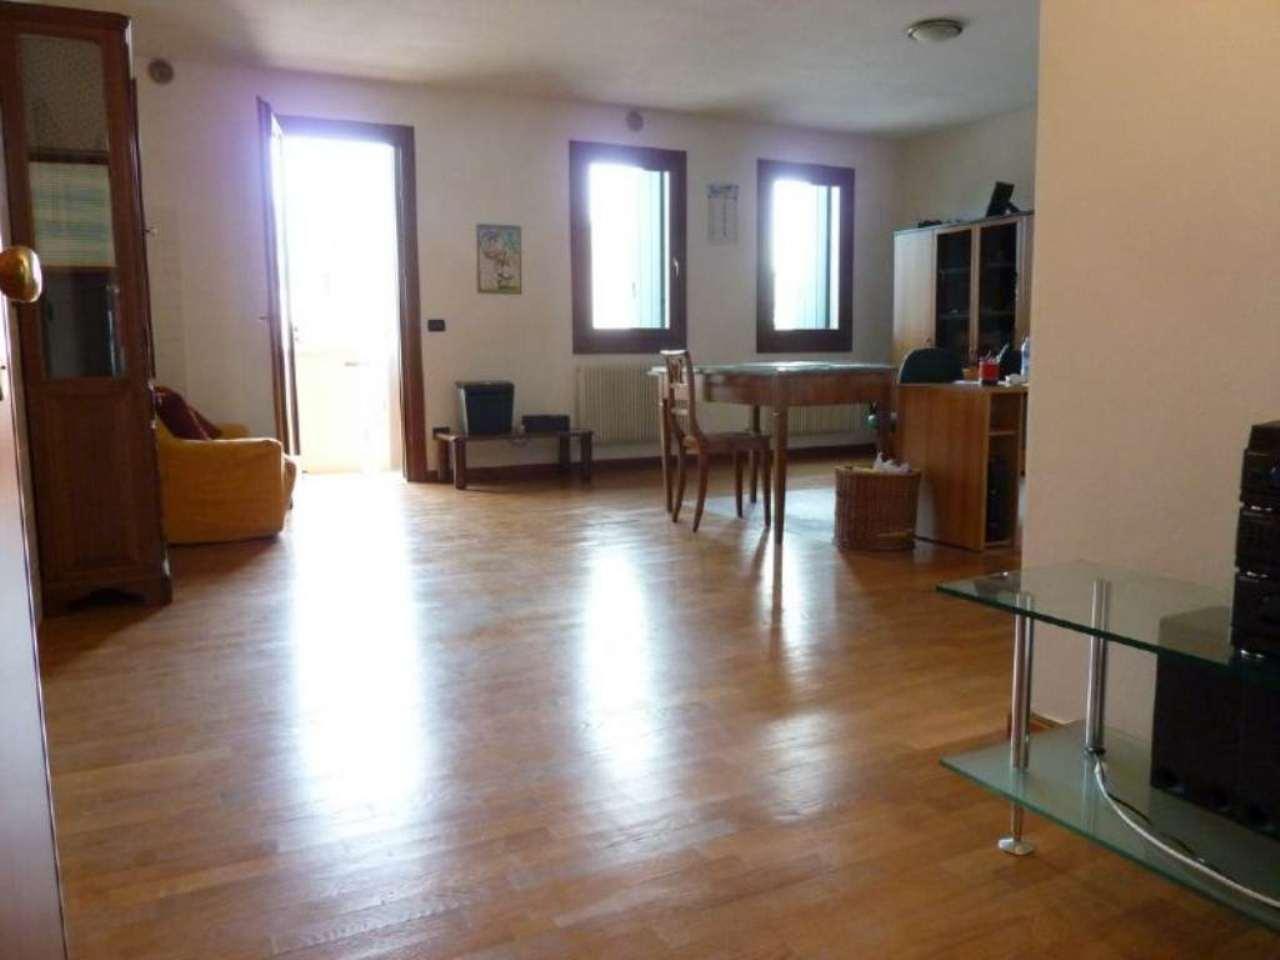 Appartamento in vendita a Villorba, 3 locali, prezzo € 115.000 | Cambio Casa.it